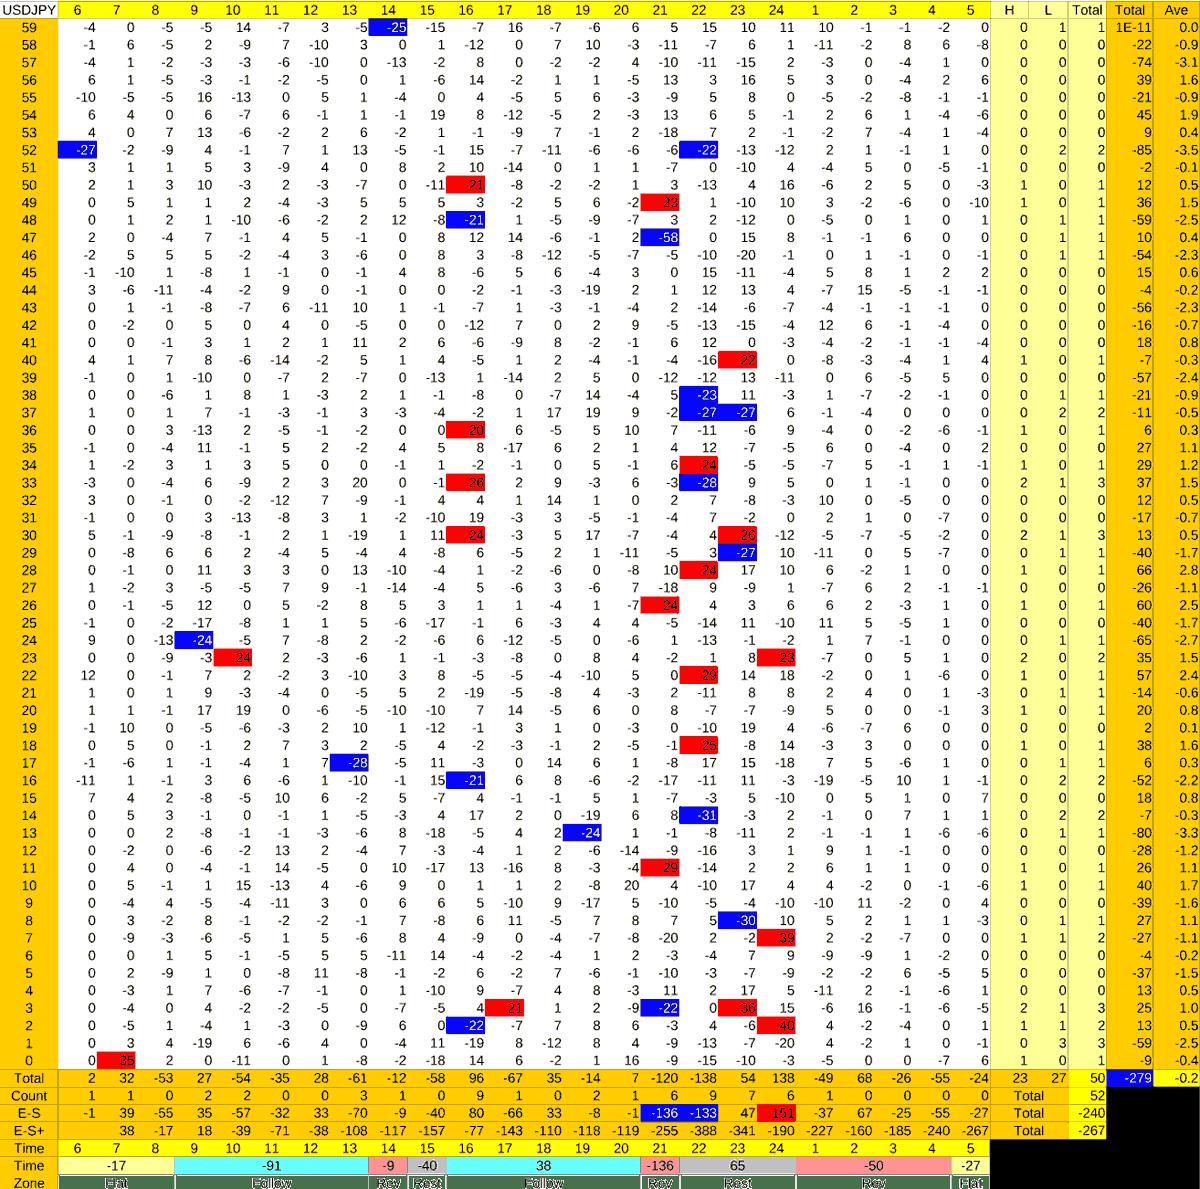 20210803_HS(1)USDJPY-min